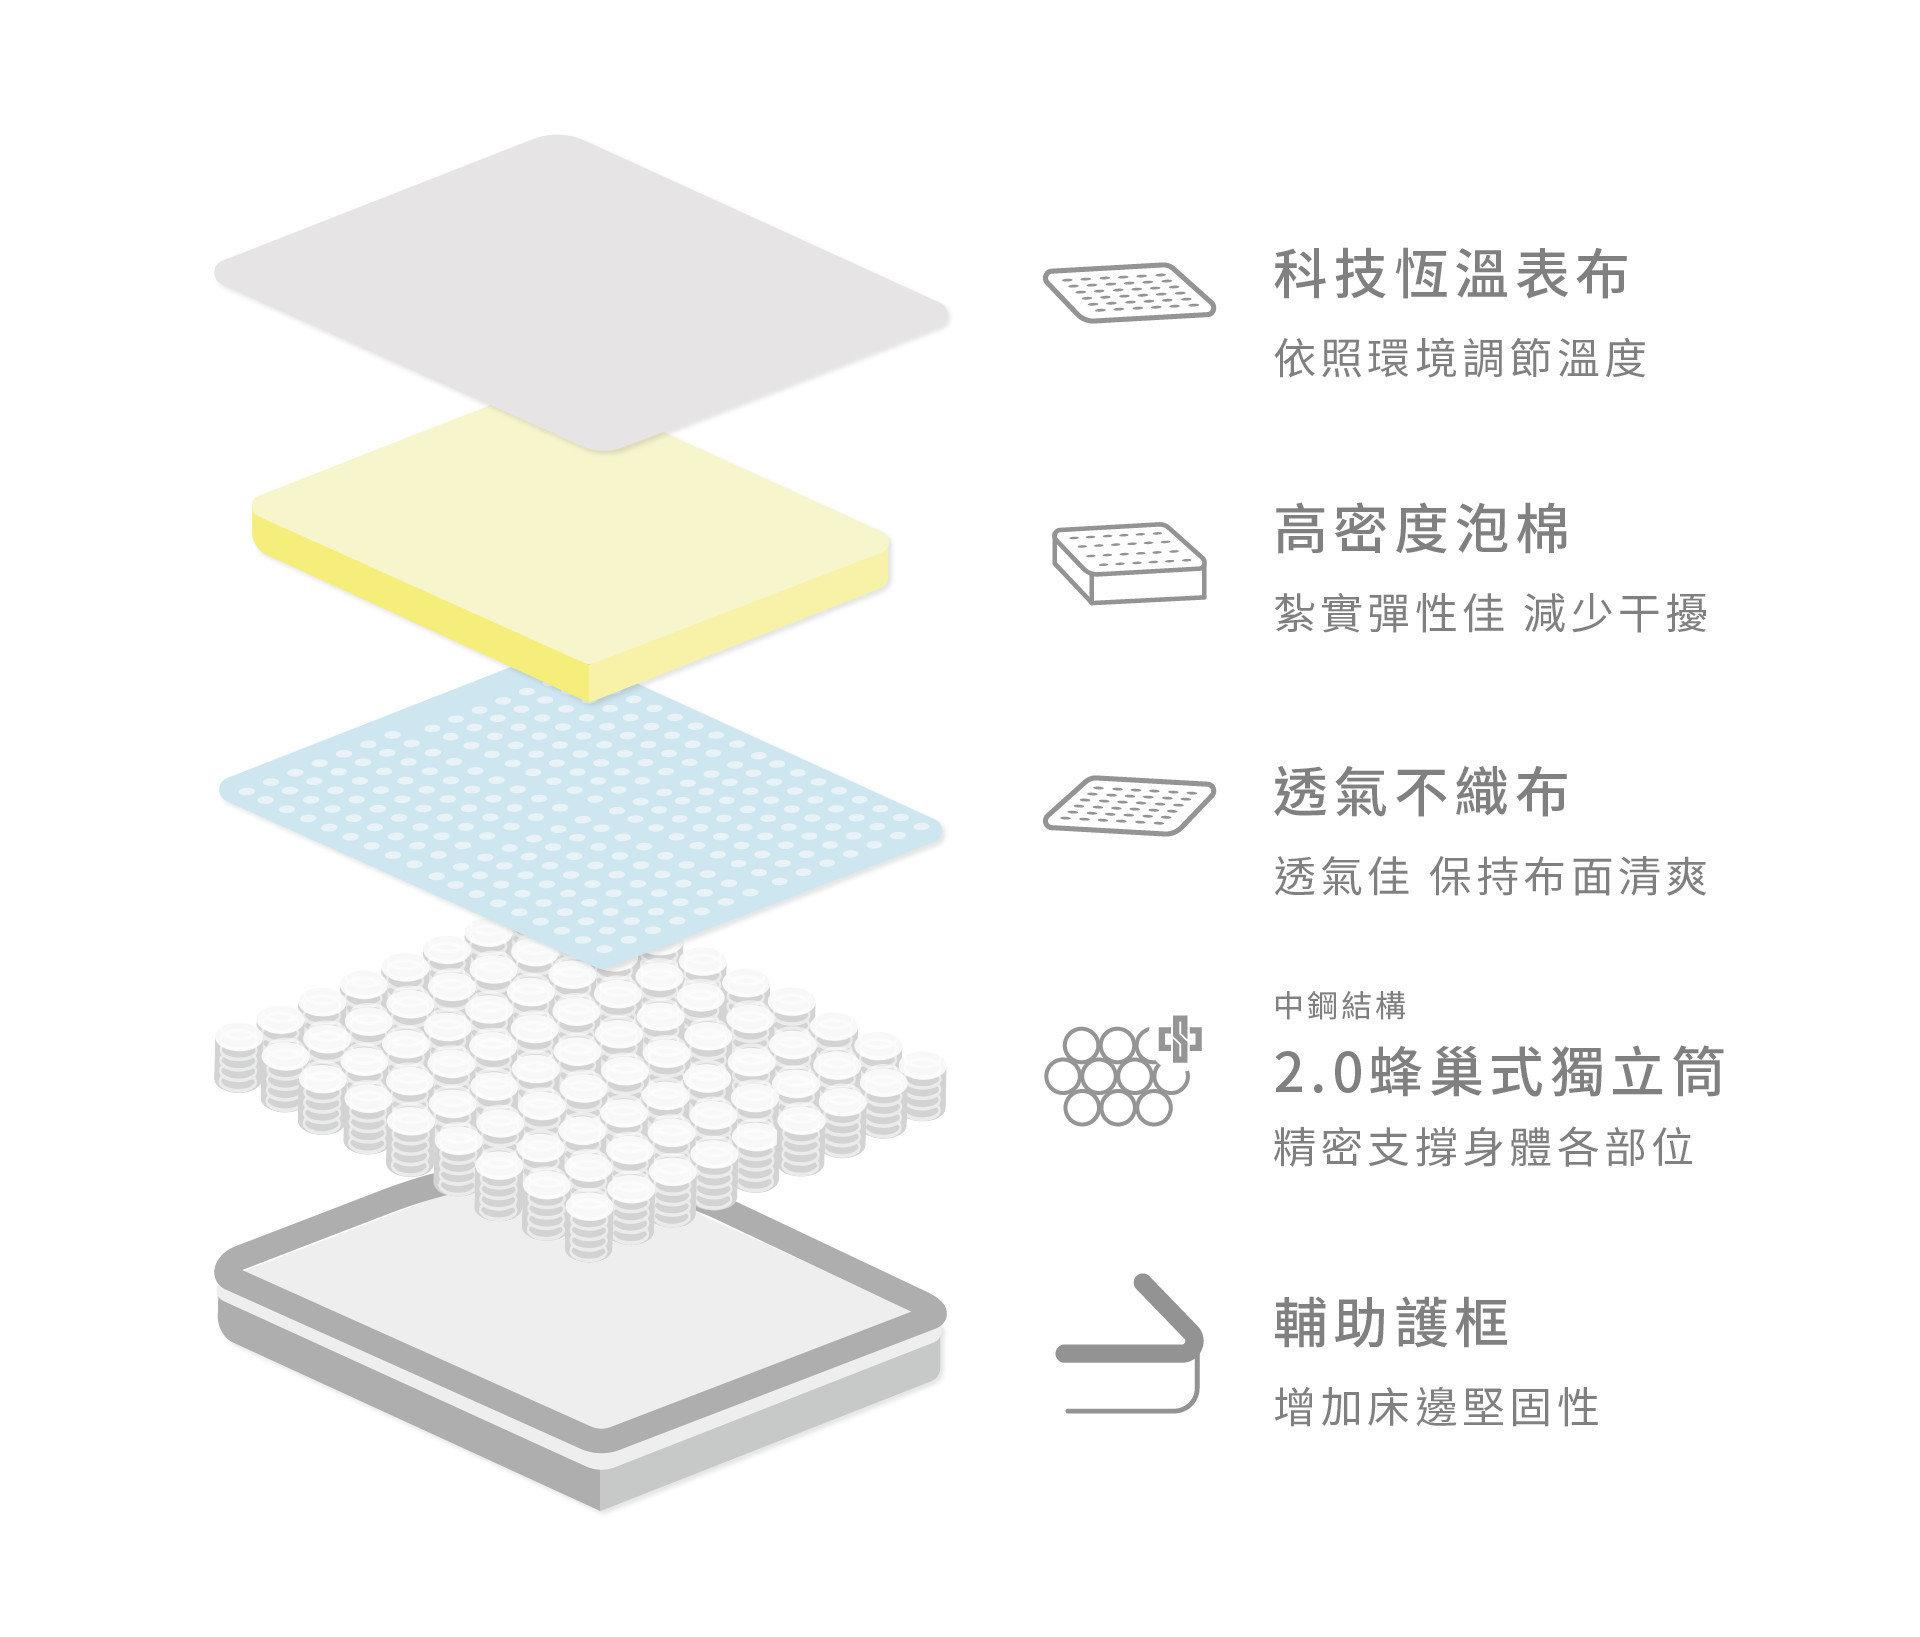 【涵碧樓 二線恆溫獨立筒】內材結構:科技恆溫表布、高密度泡棉、透氣不織布、蜂巢式排列之中鋼獨立筒、床沿護框設計